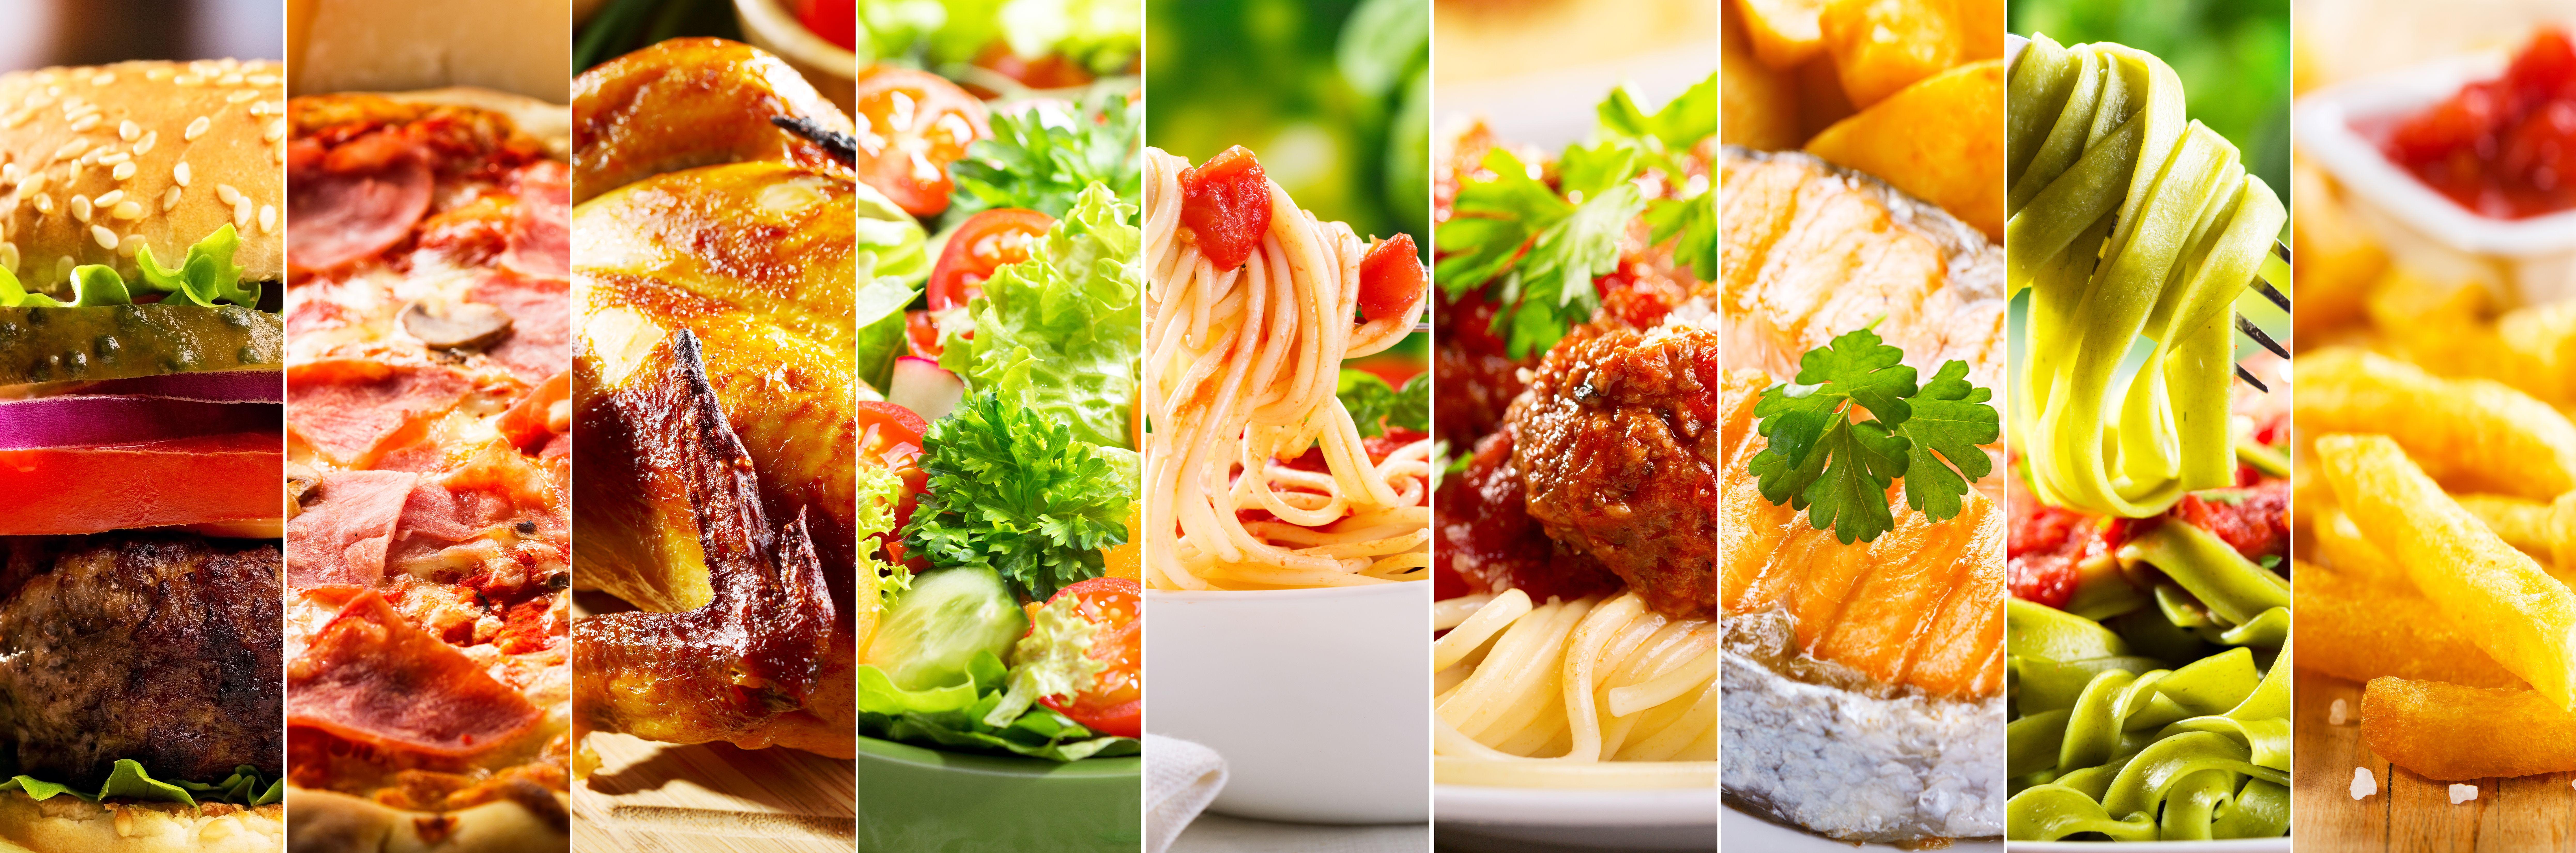 Nuestros platos: Carta y servicios de Cafetería Restaurante Cruz